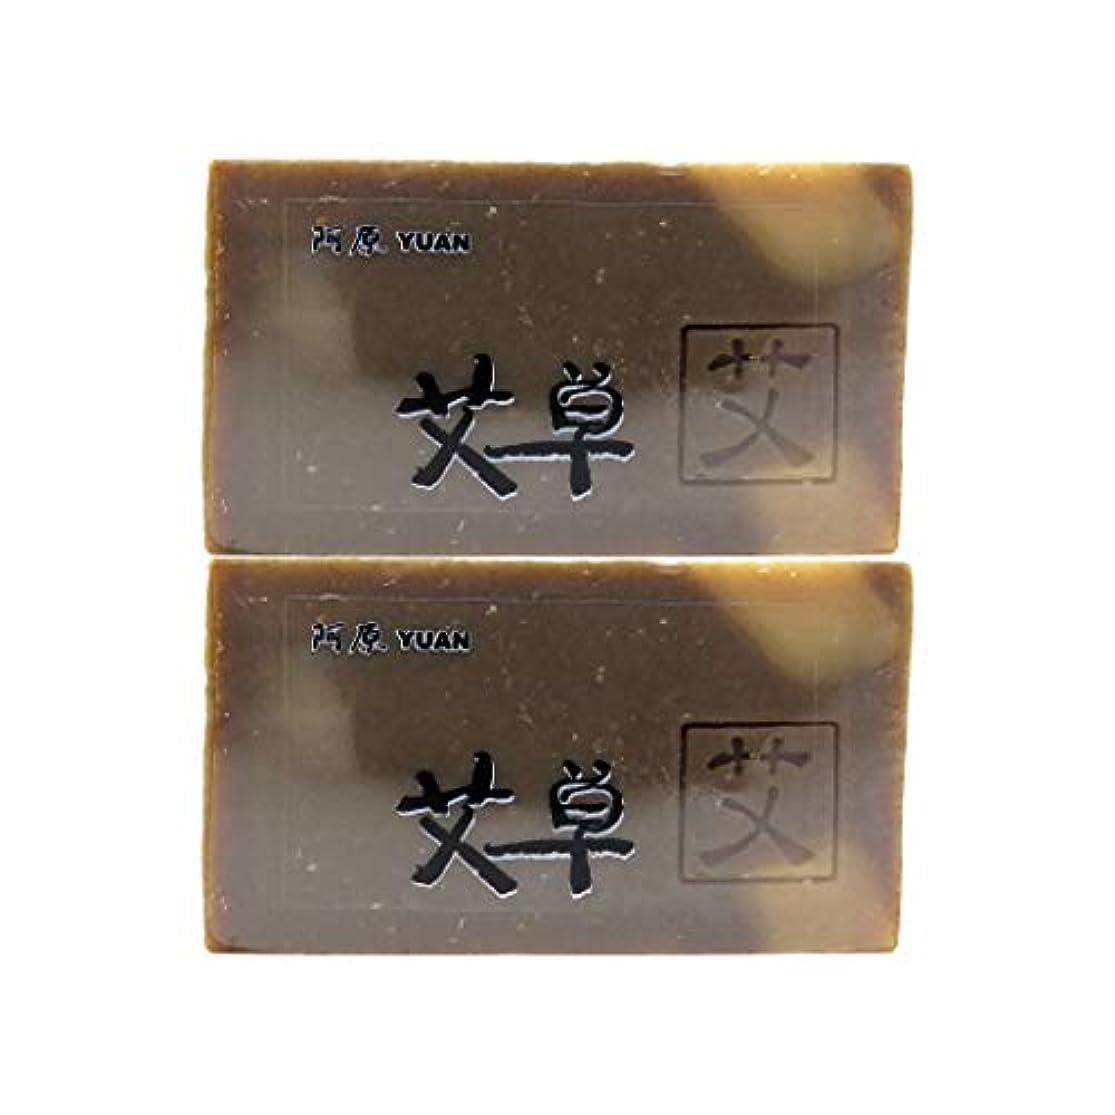 選ぶ汚いアジテーションユアン(YUAN) ヨモギソープ 100g (2個セット)